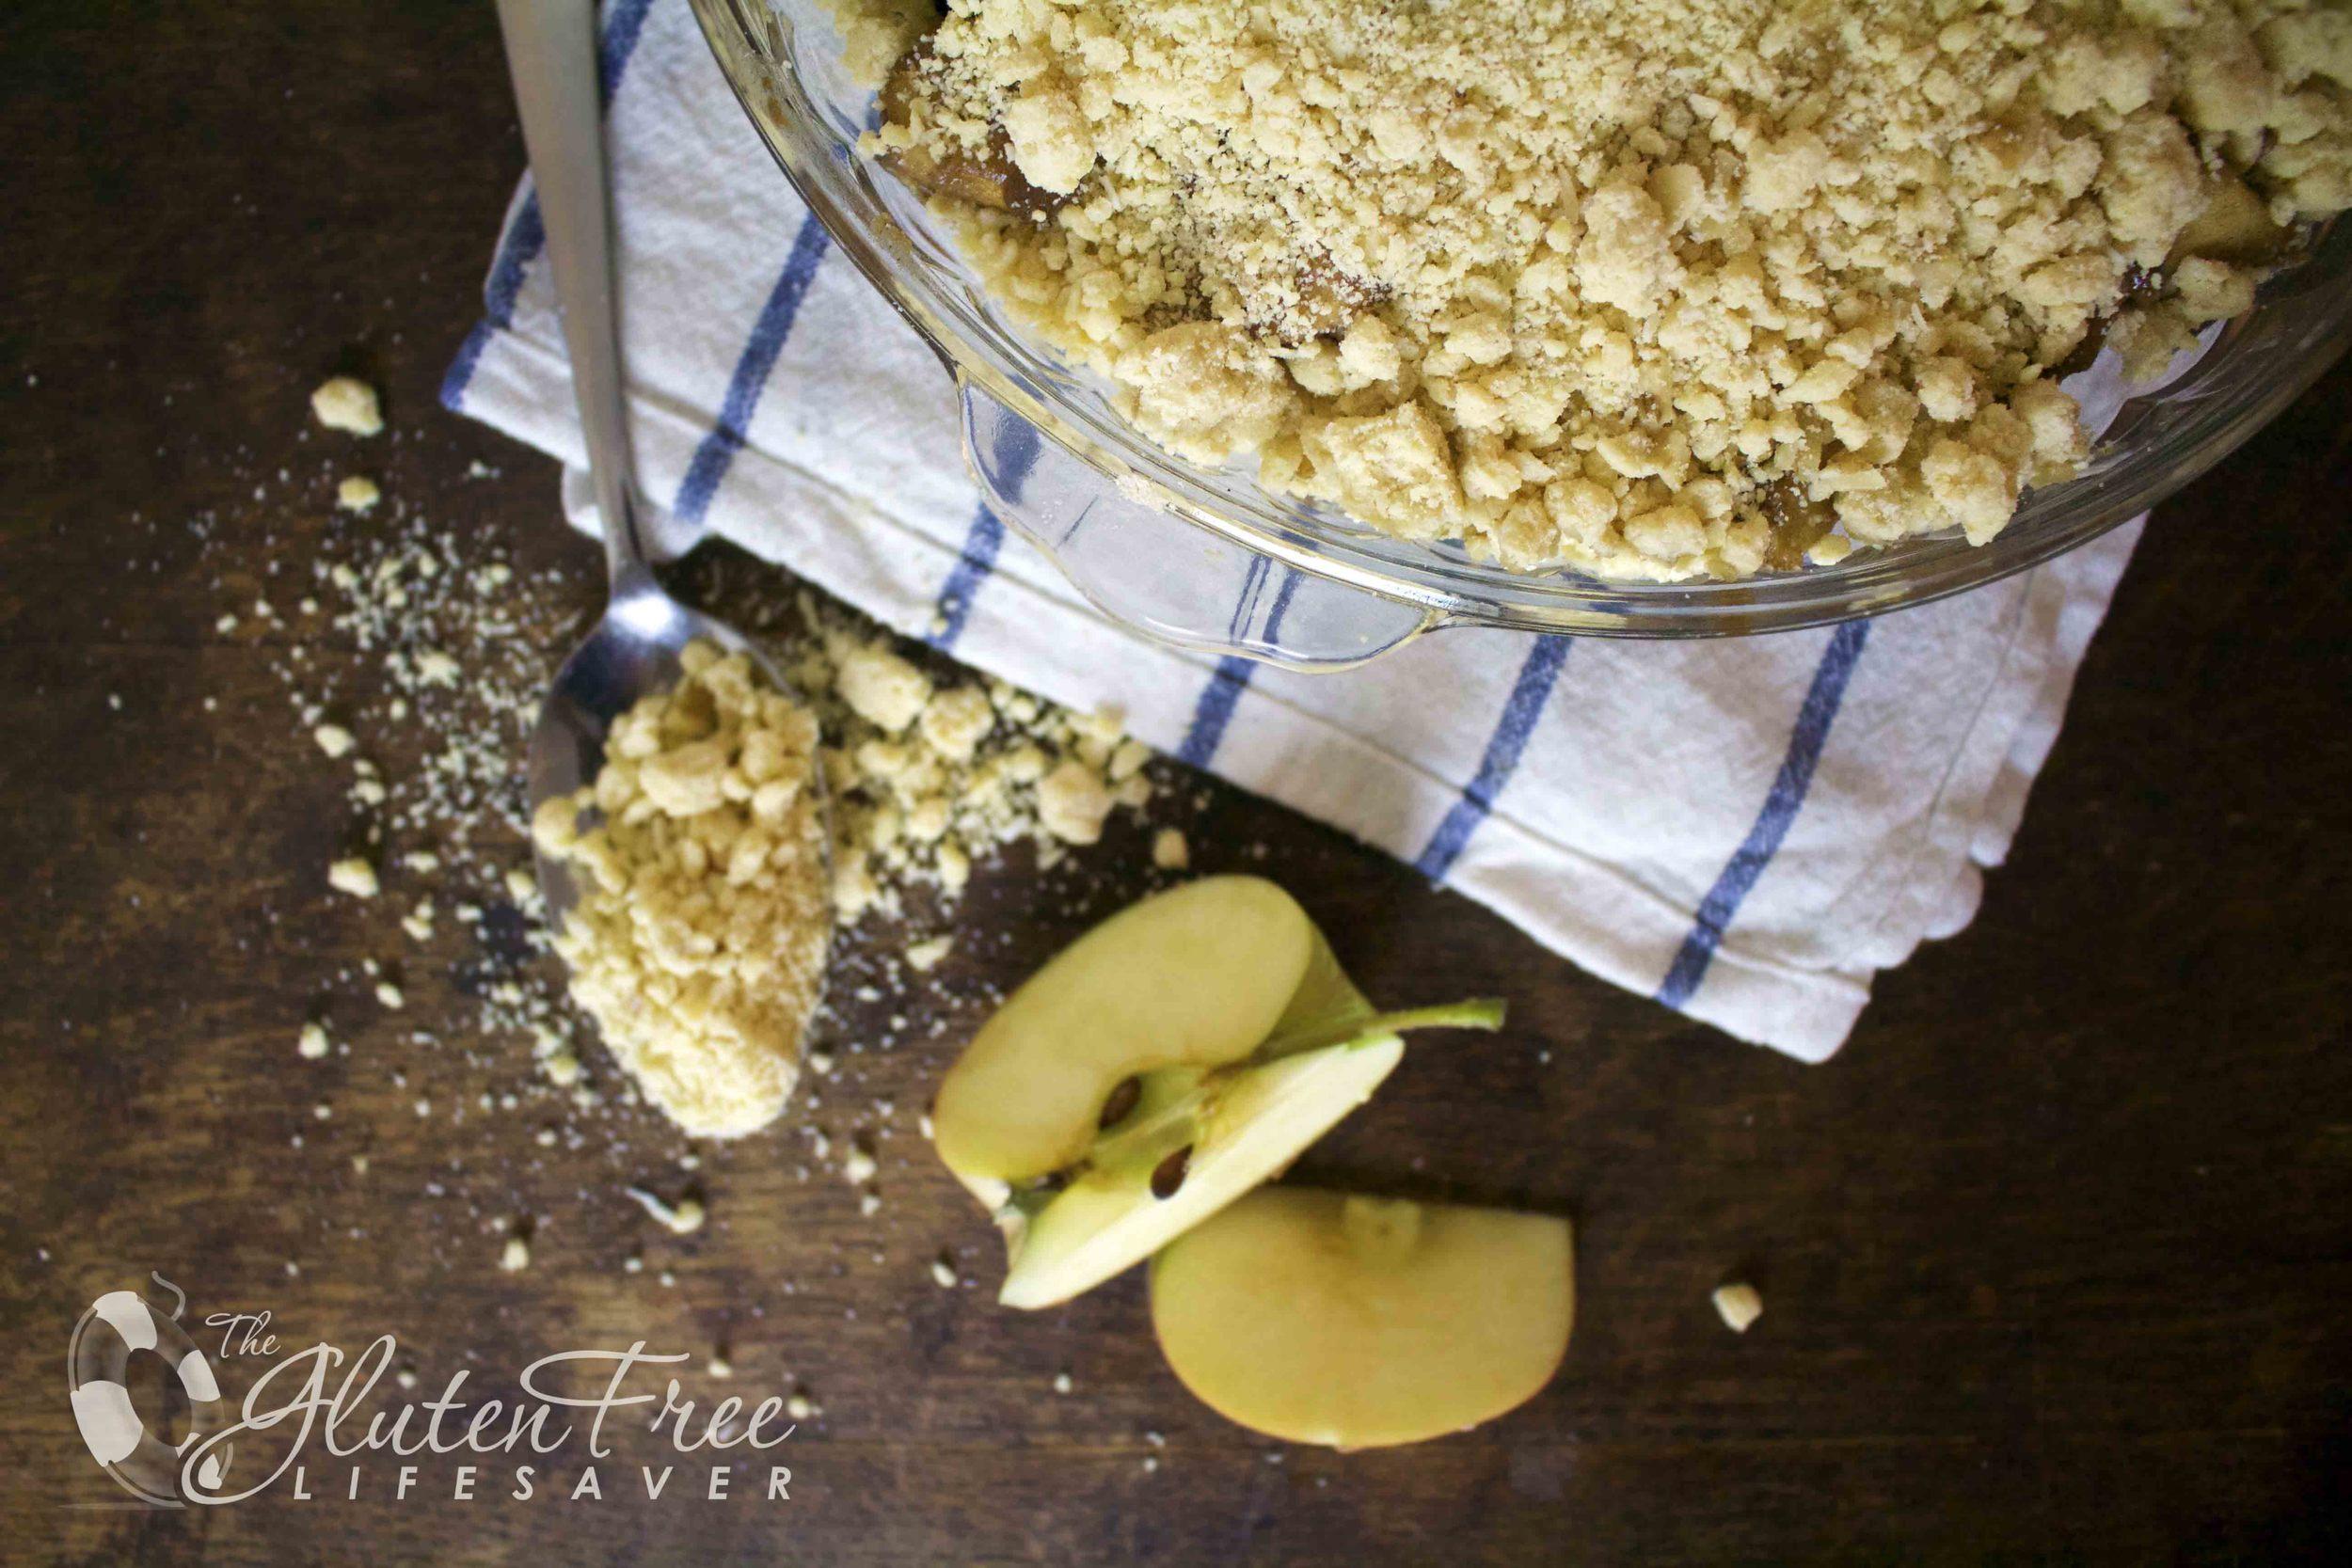 glutenfri eple og blåbær crumble med kokosnøtt